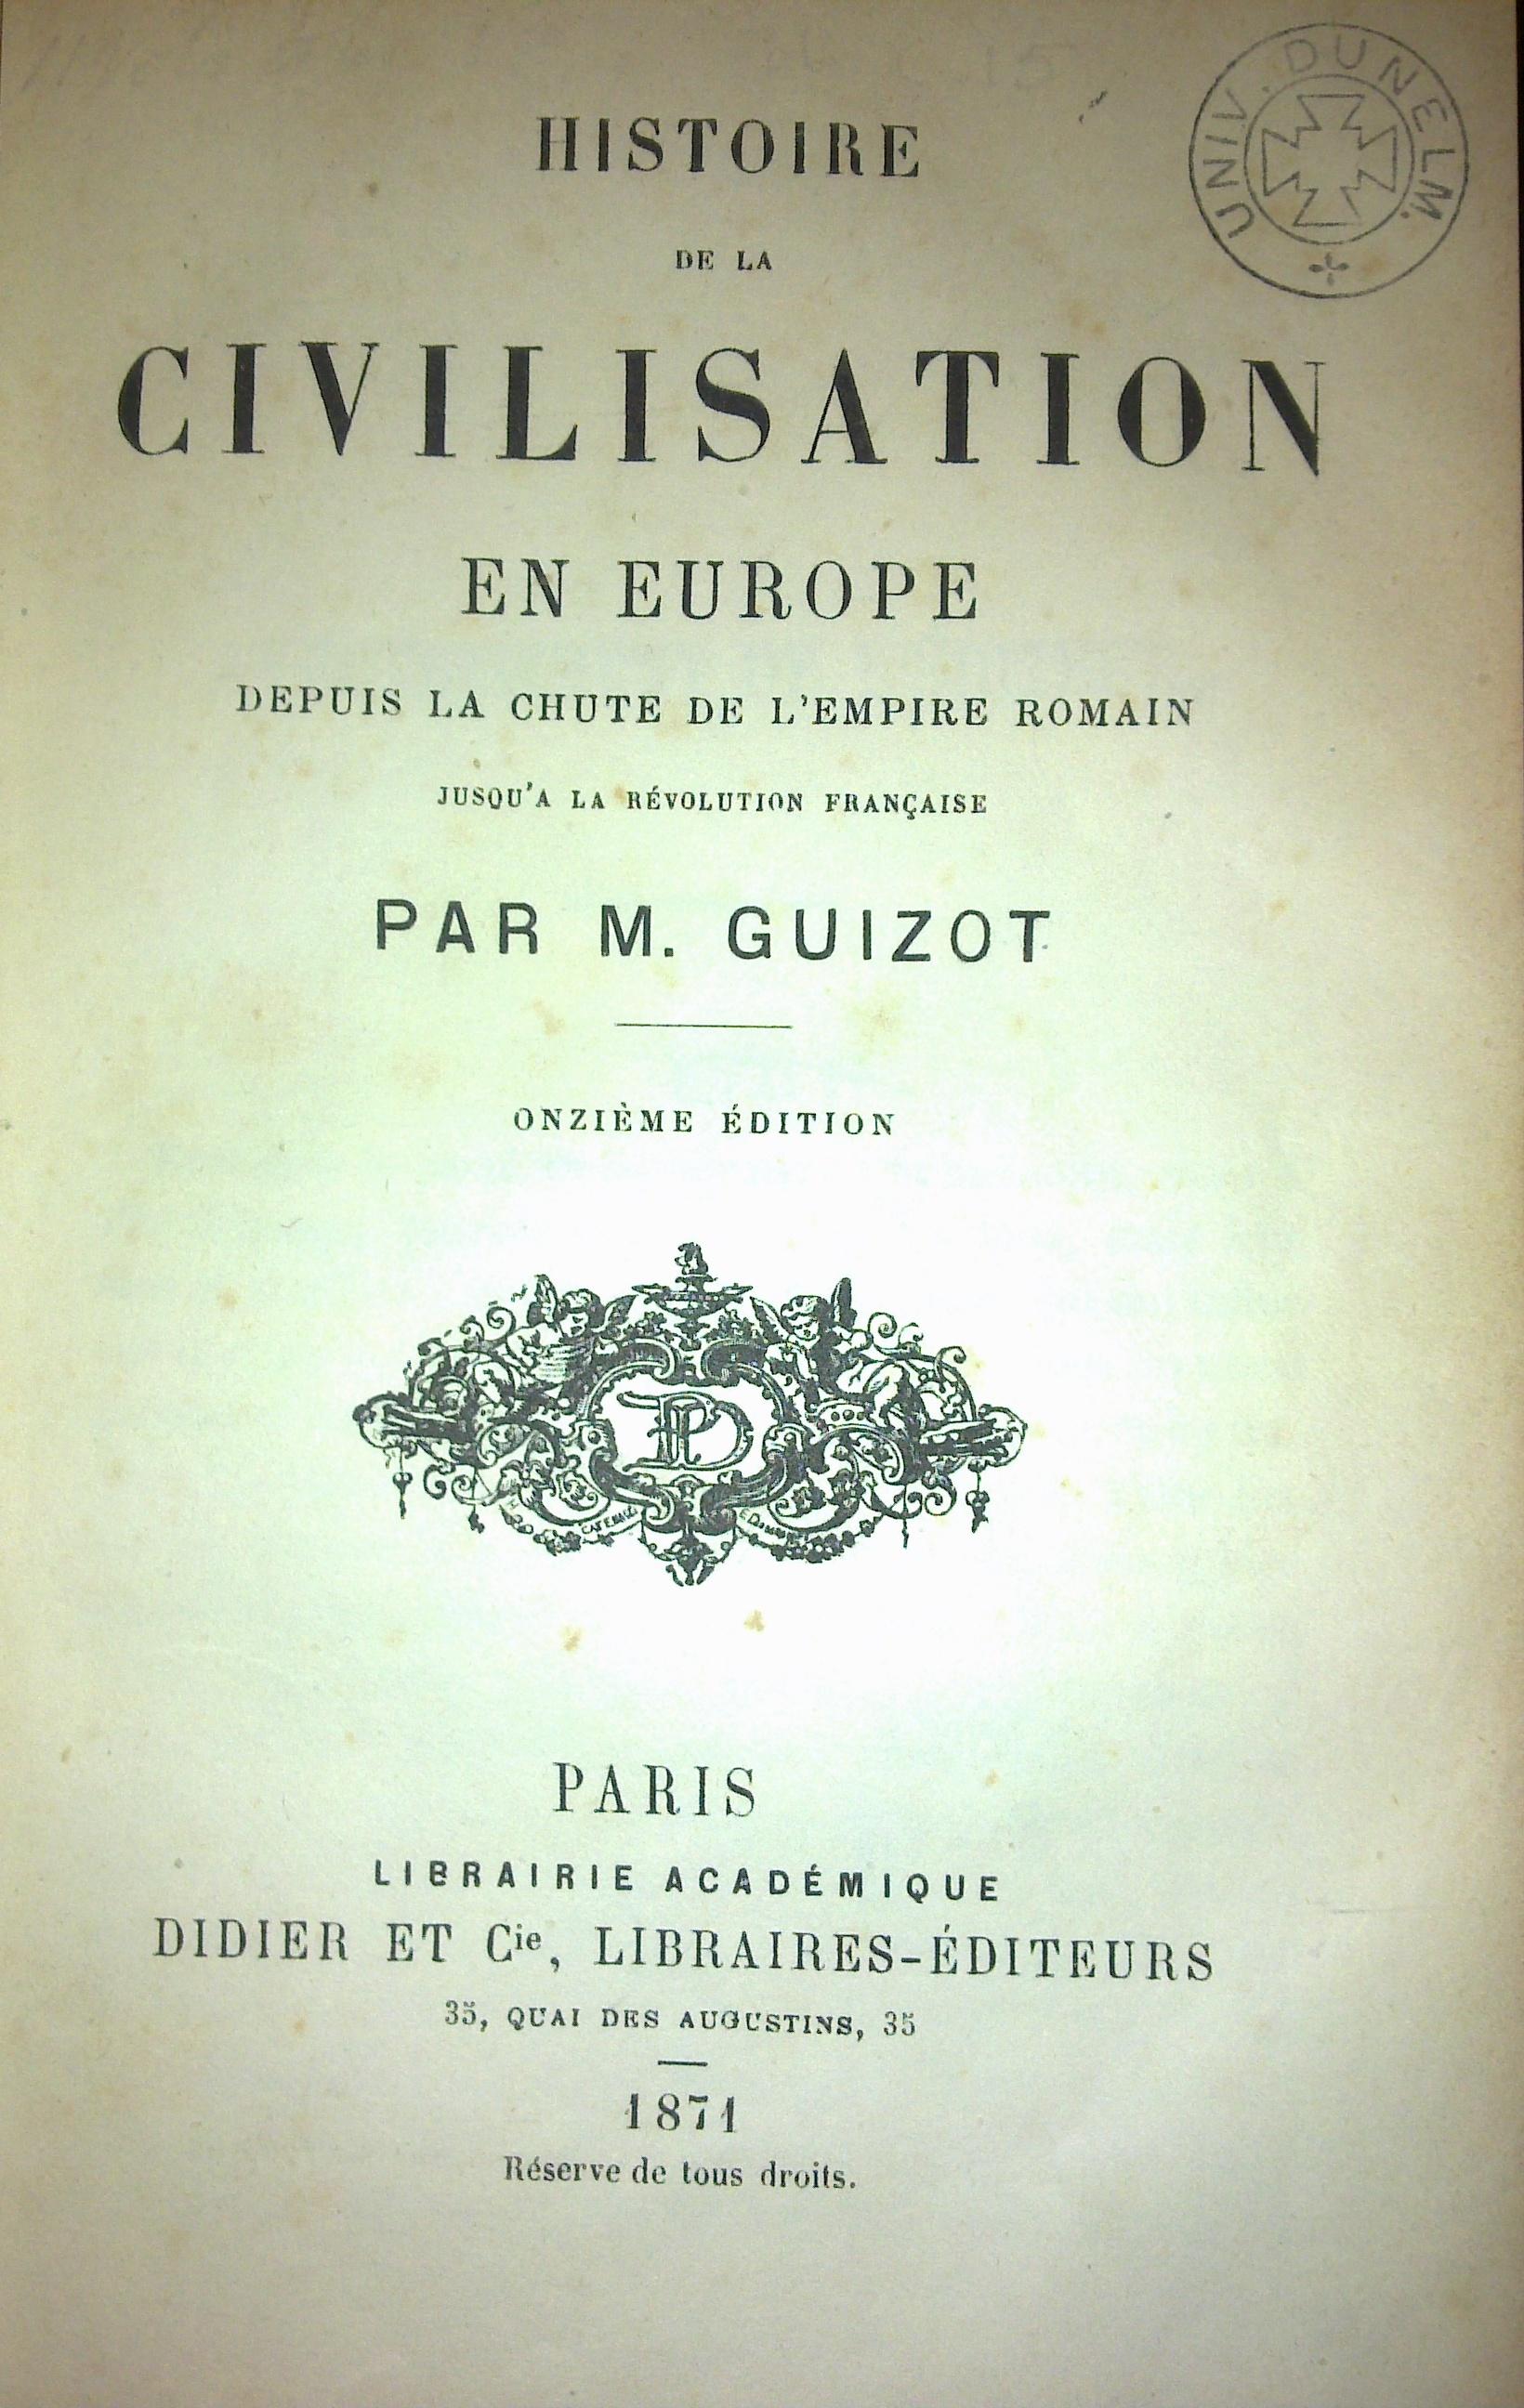 Histoire de la Civilisation en Europe depuis la chute de l'Empire Romain jusqu'à la Révolution française